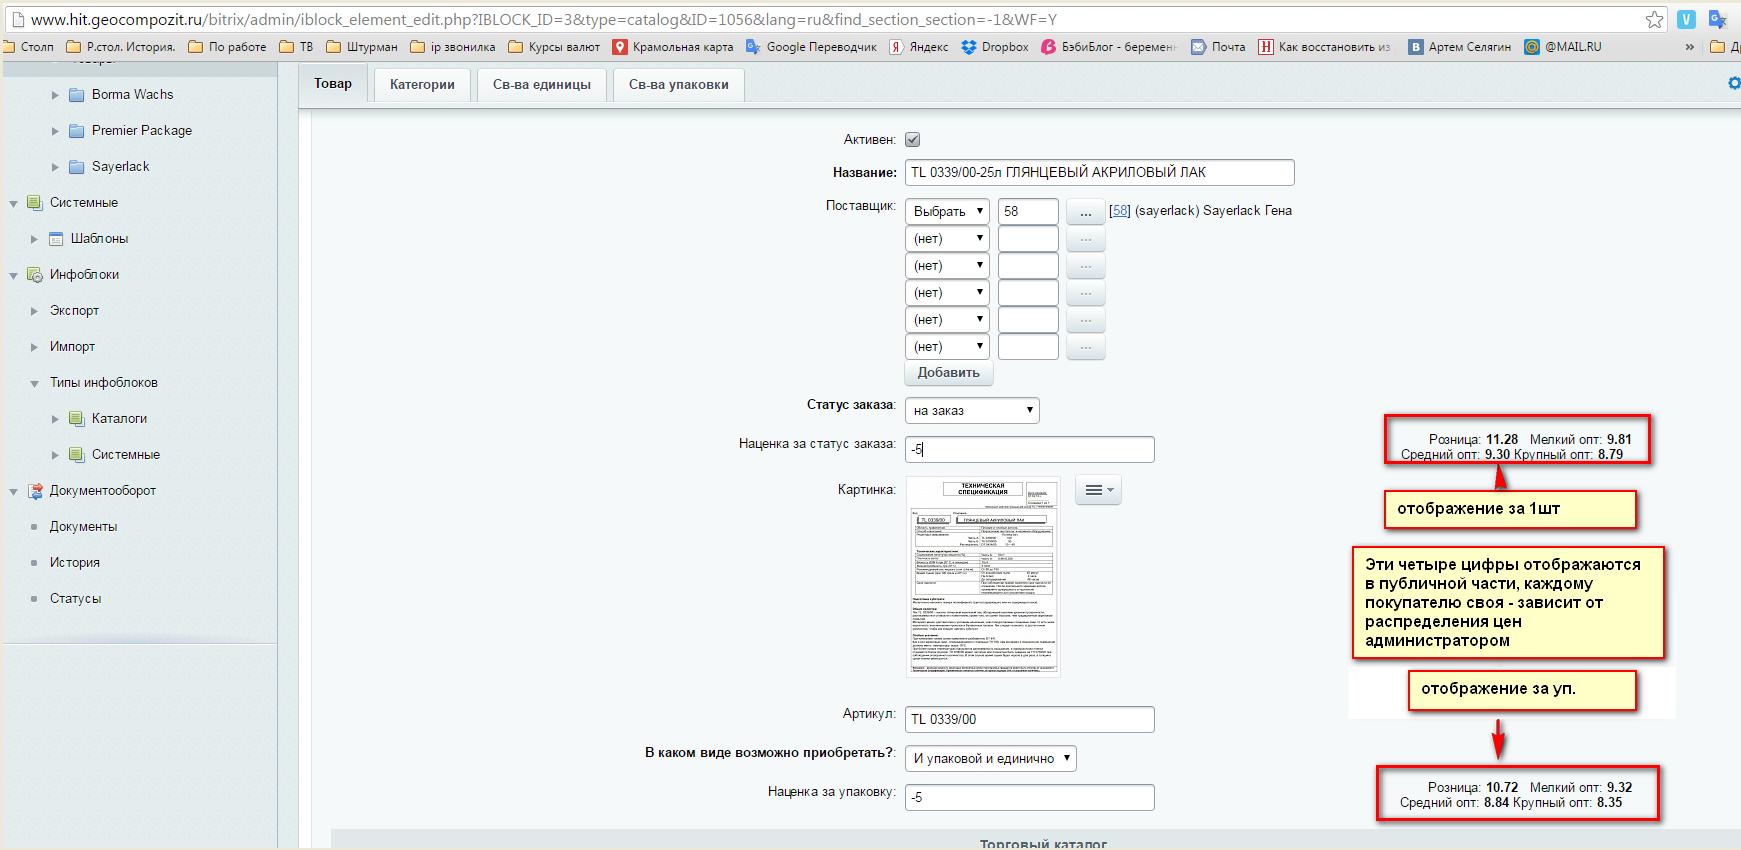 Фрилансеры битрикс программа для работы с сайтами битрикс